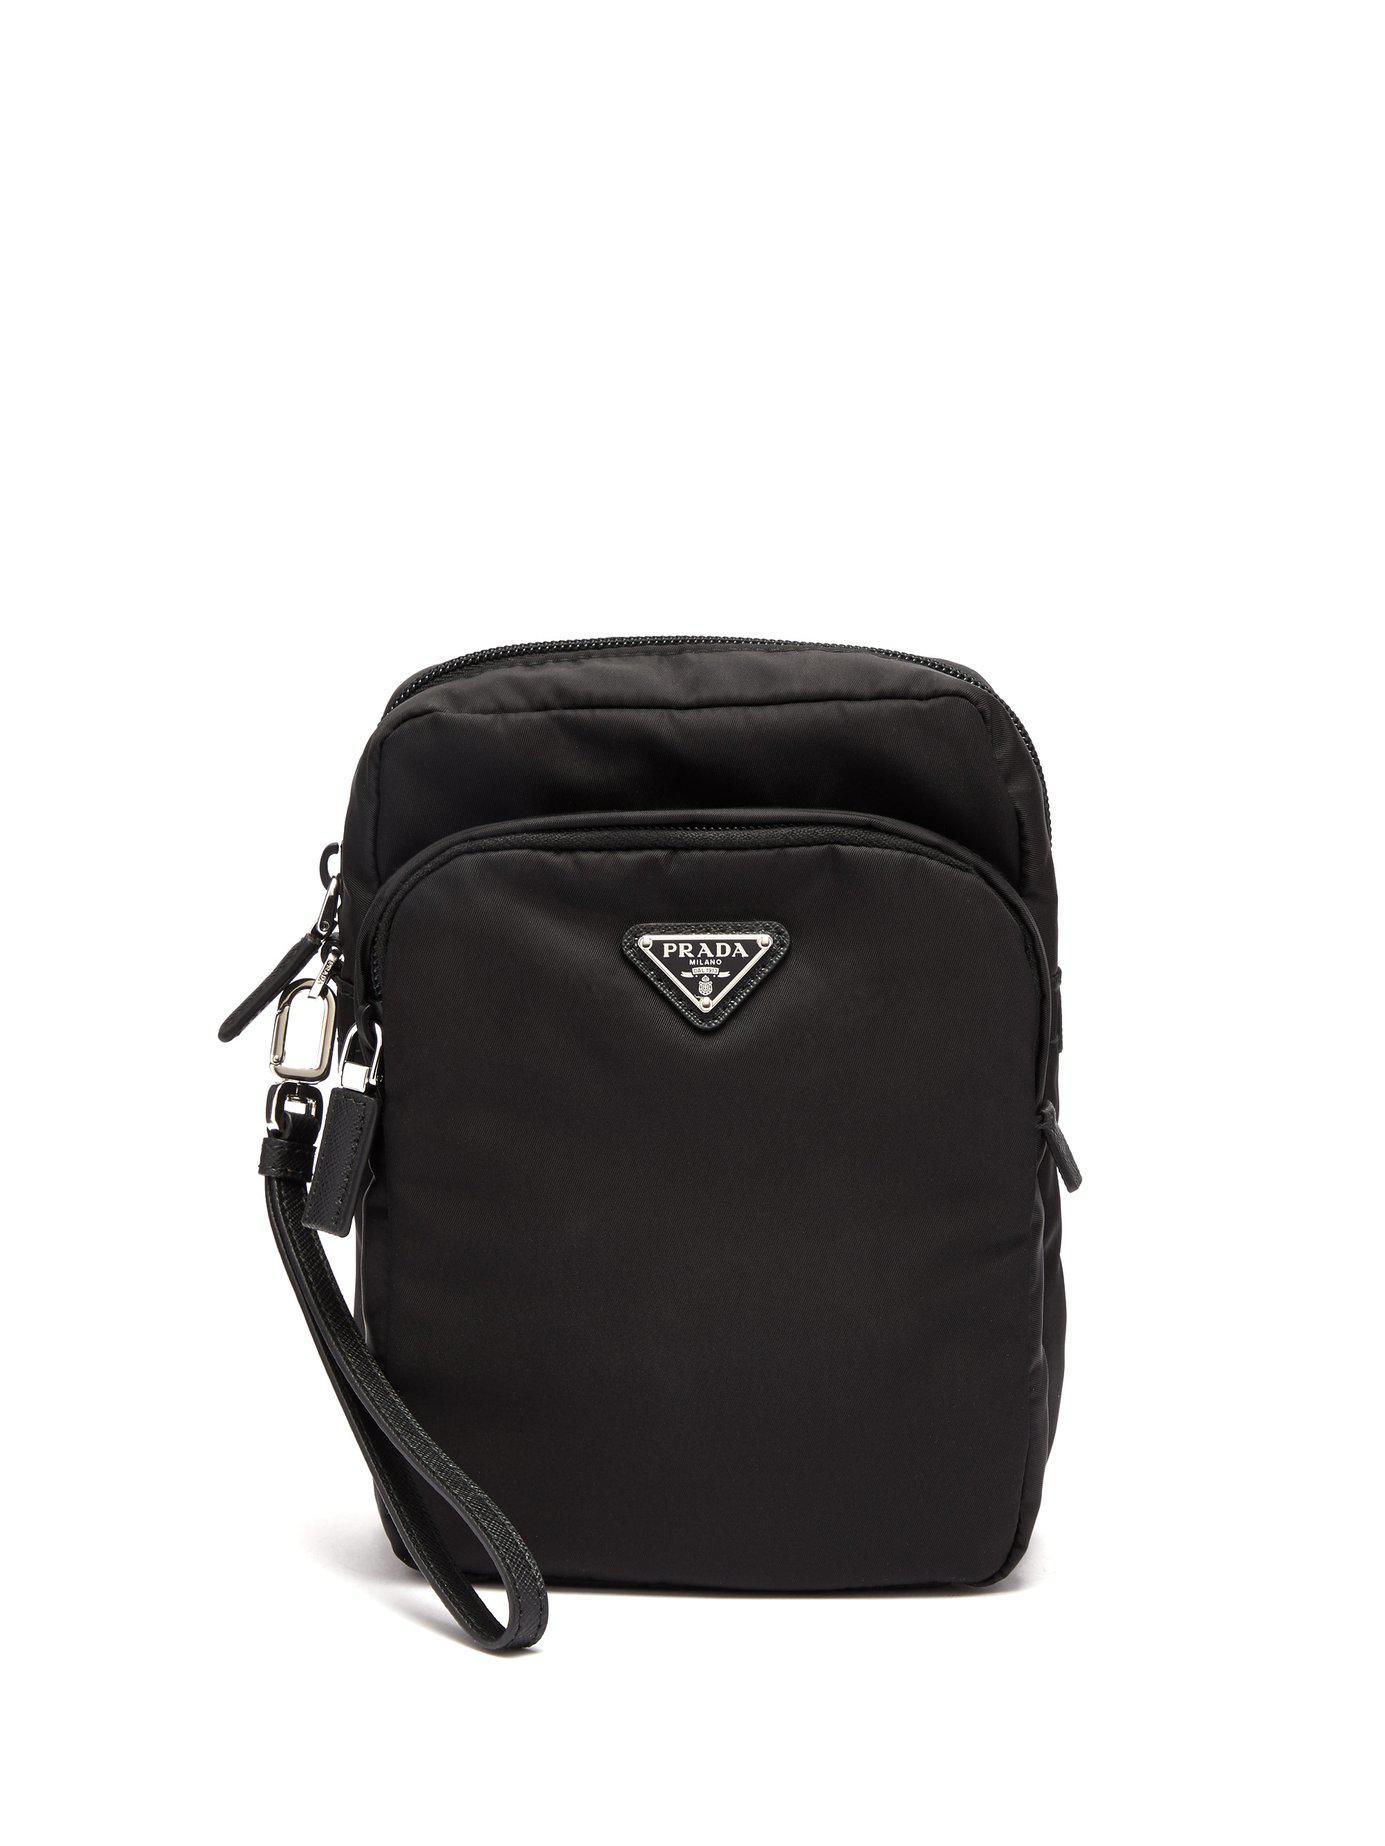 ... discount code for prada black nylon camera bag for men lyst. view  fullscreen 76b4d 75369 4c75d1122afa5